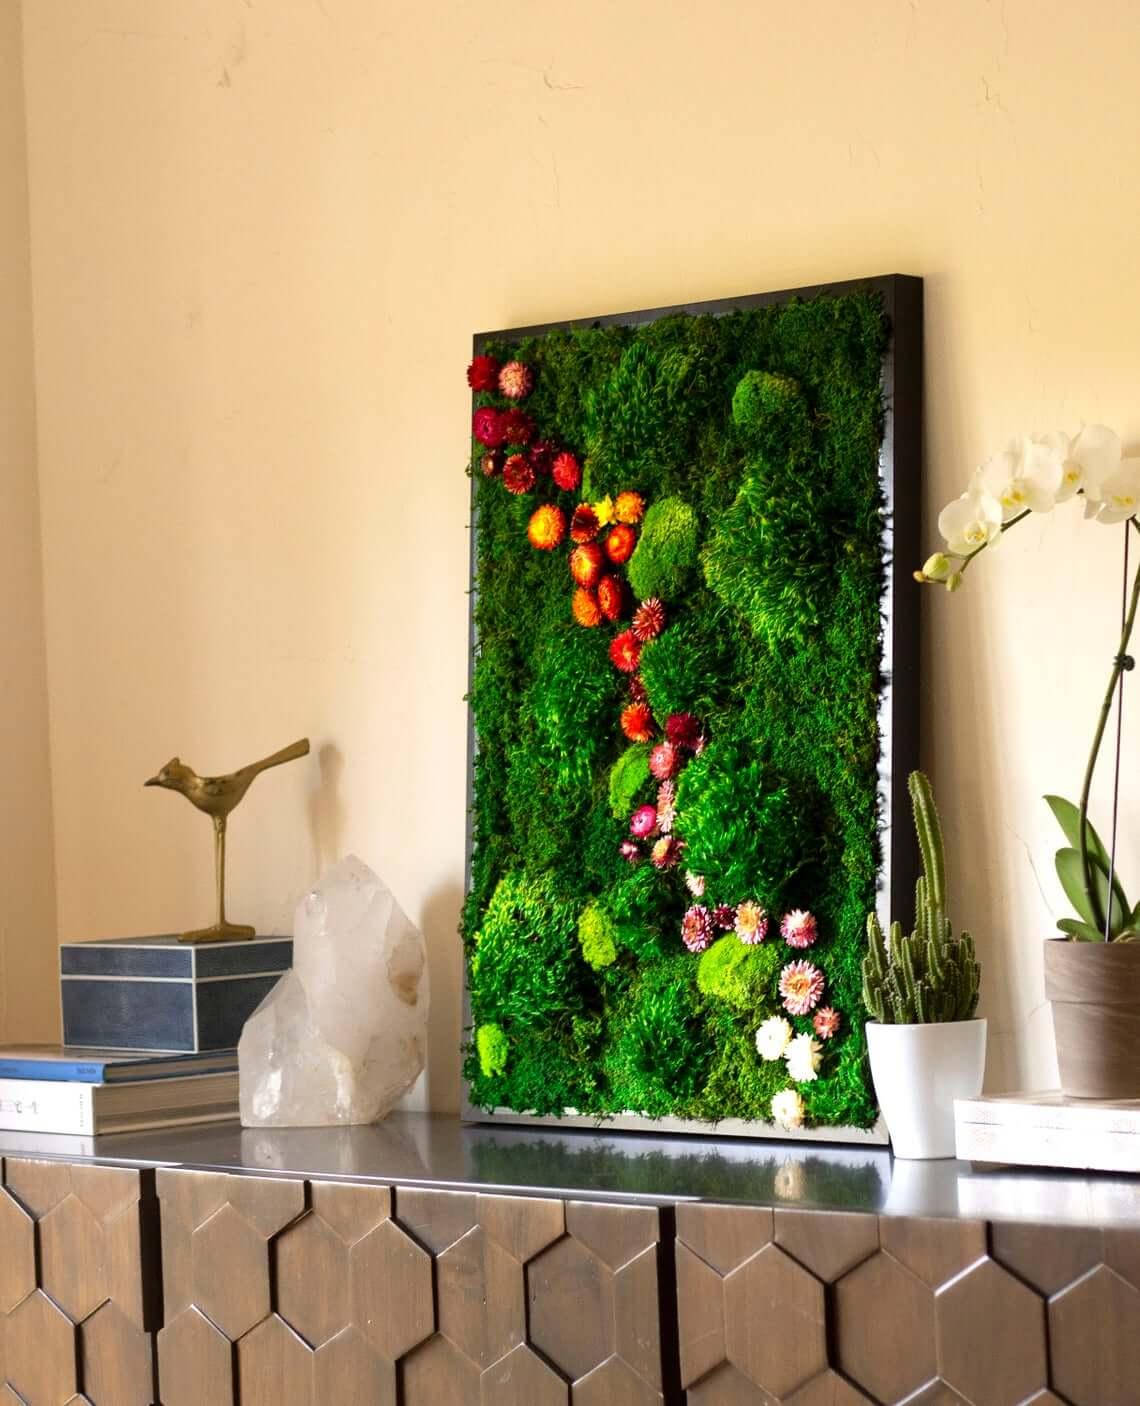 Real Flower Power Moss Wall Decor